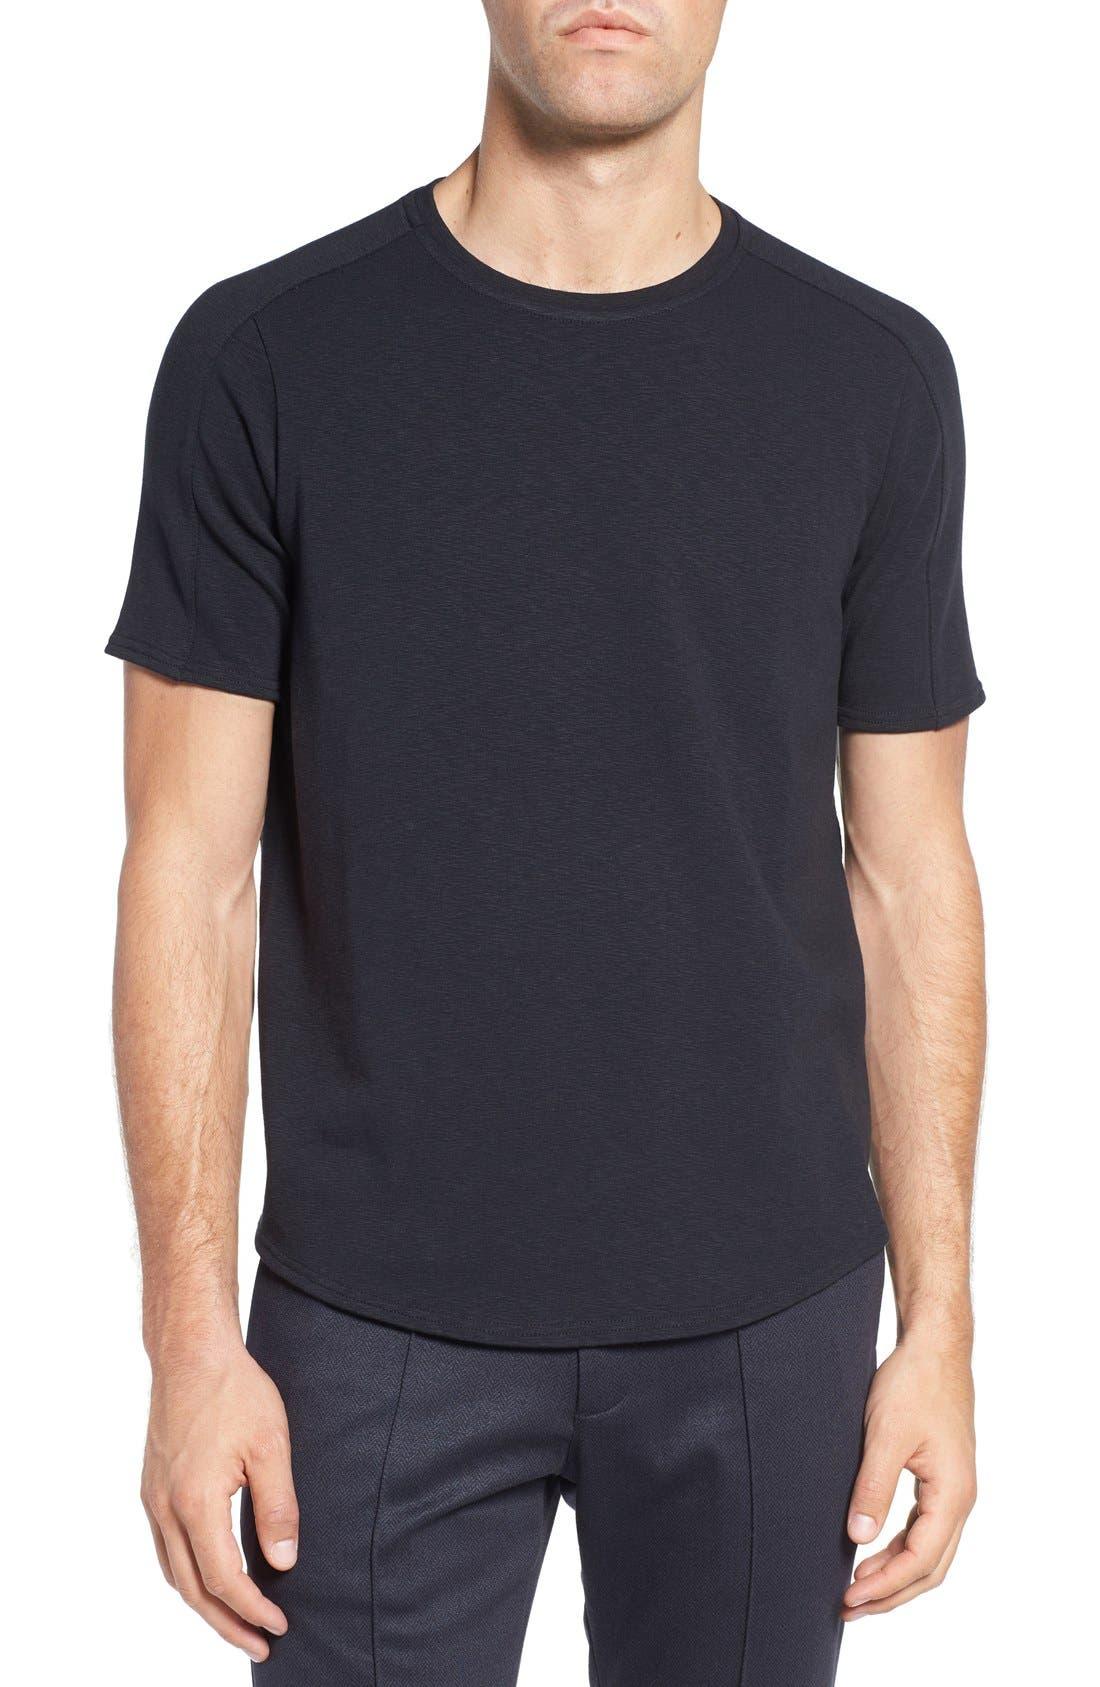 Douglas Cotton Blend T-Shirt,                         Main,                         color, Black